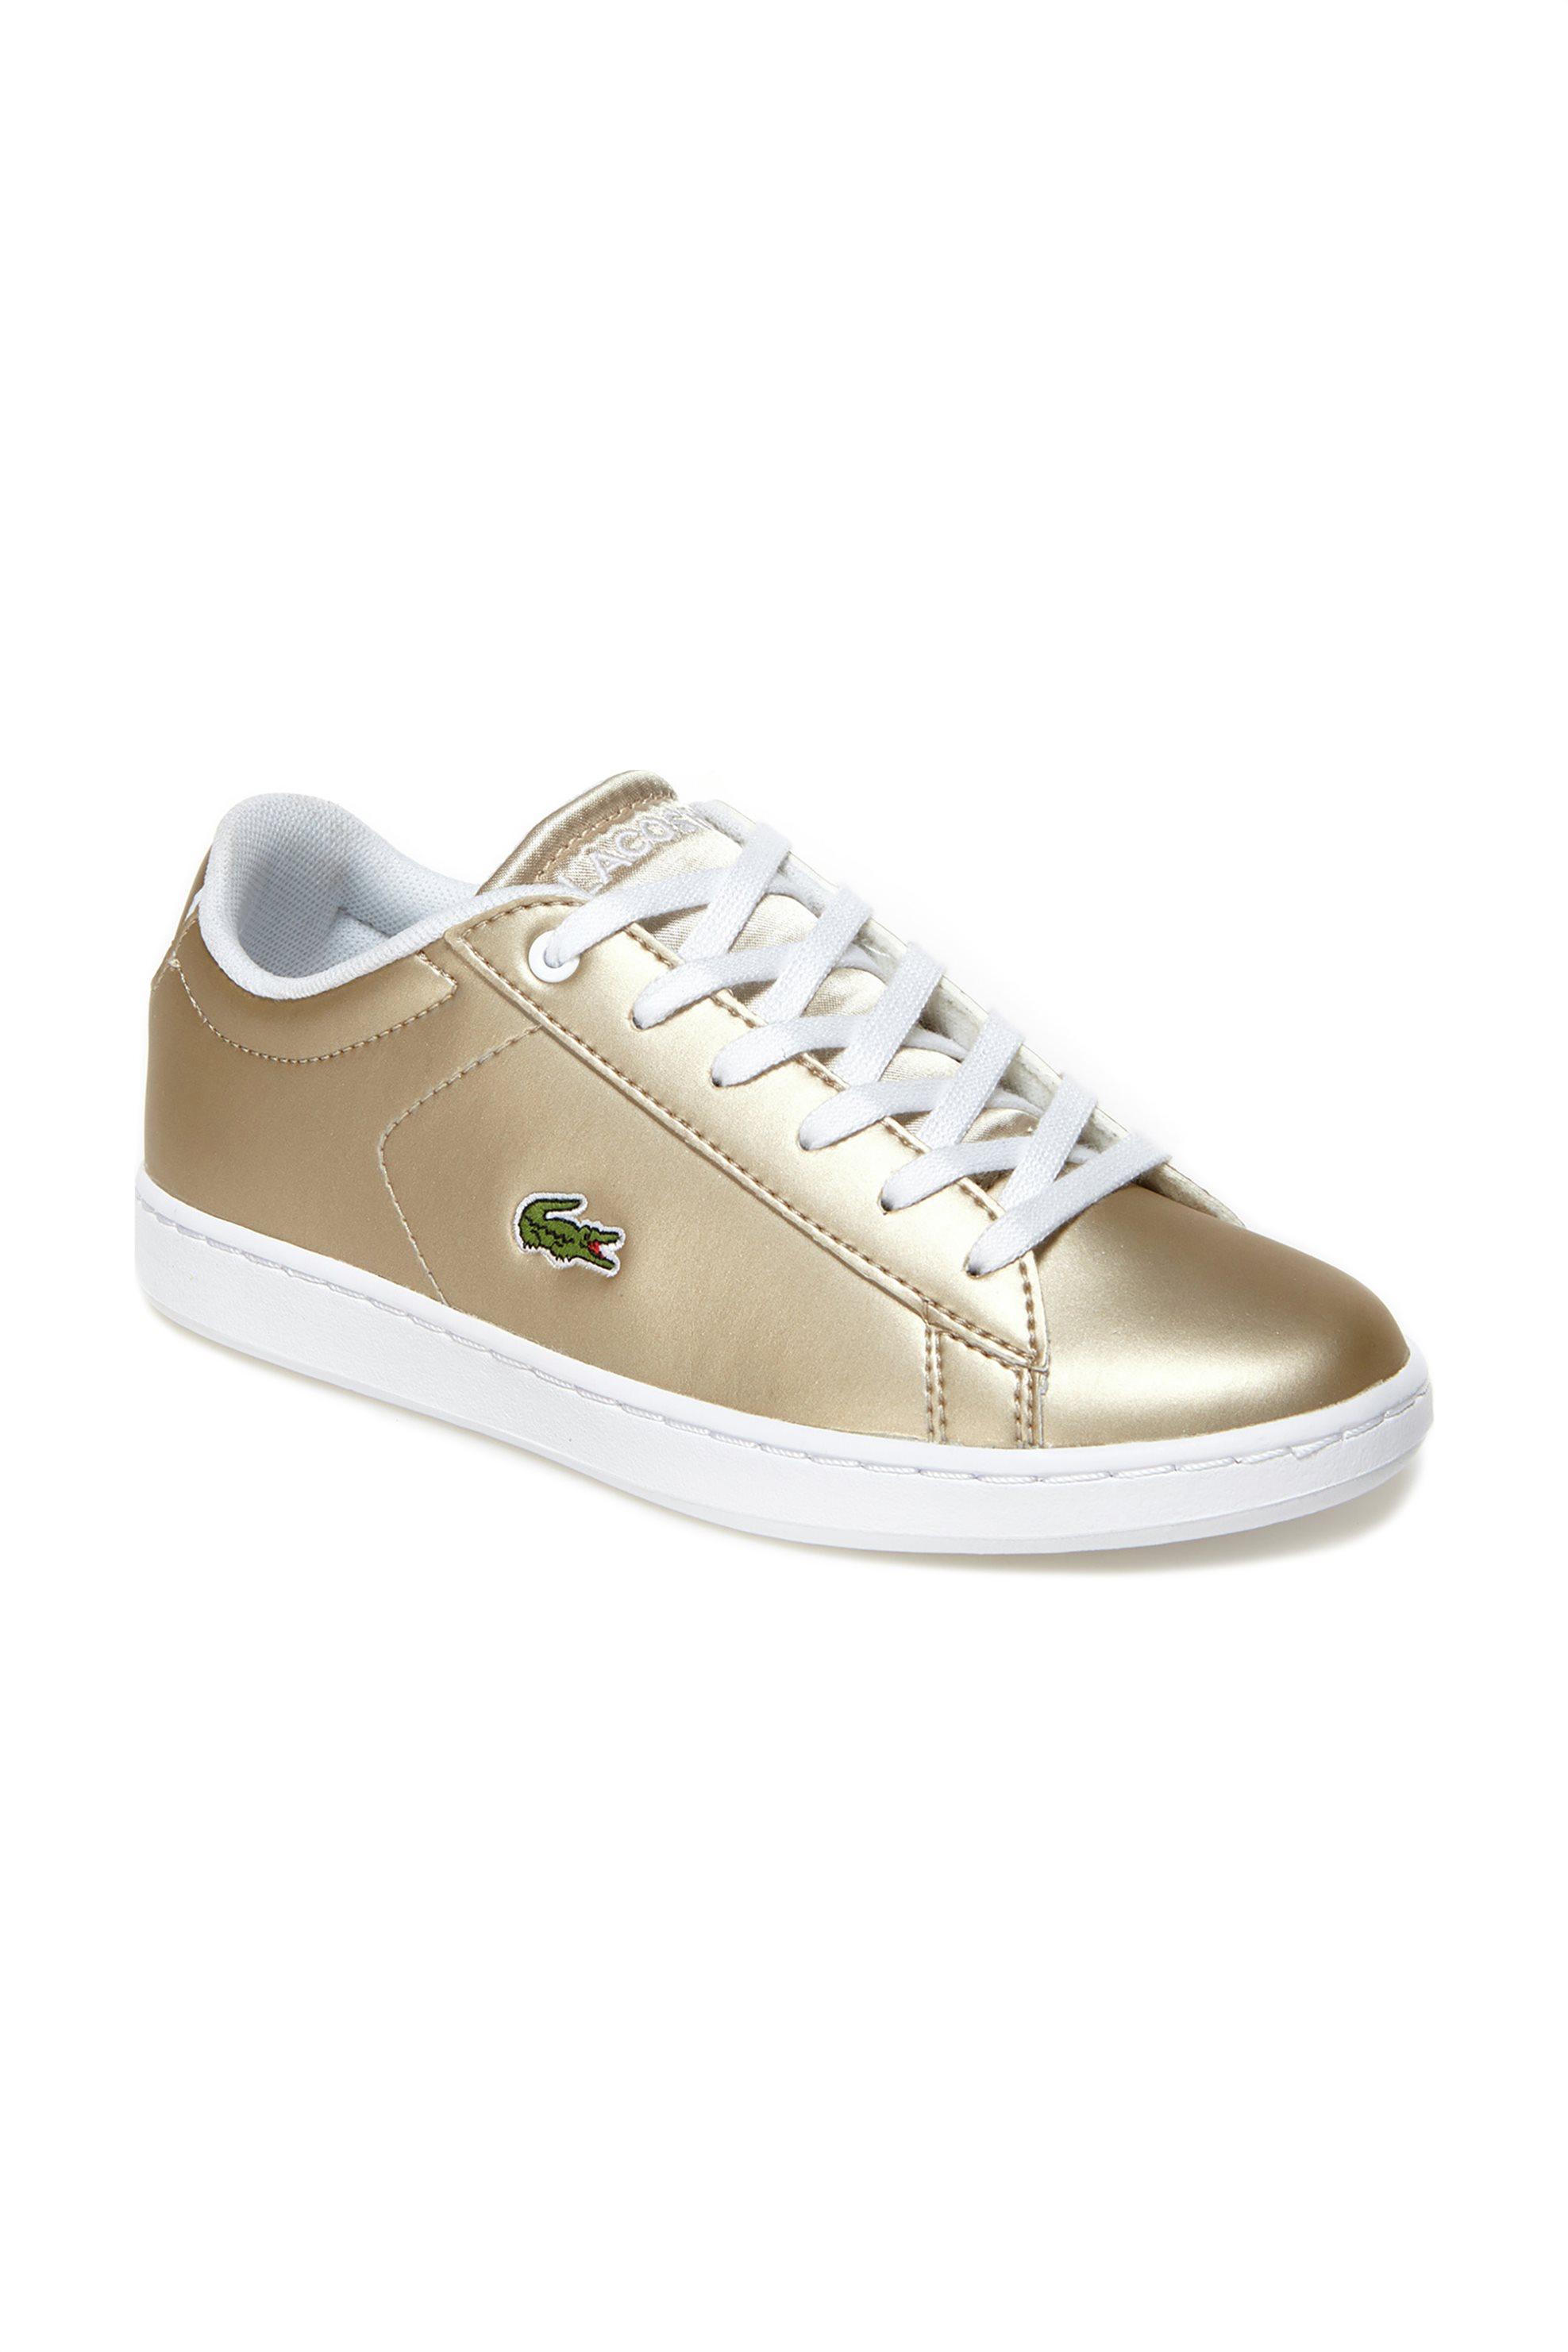 Lacoste παιδικά sneakers Carnaby Evo - 35SPC0005GW3 - Χρυσό